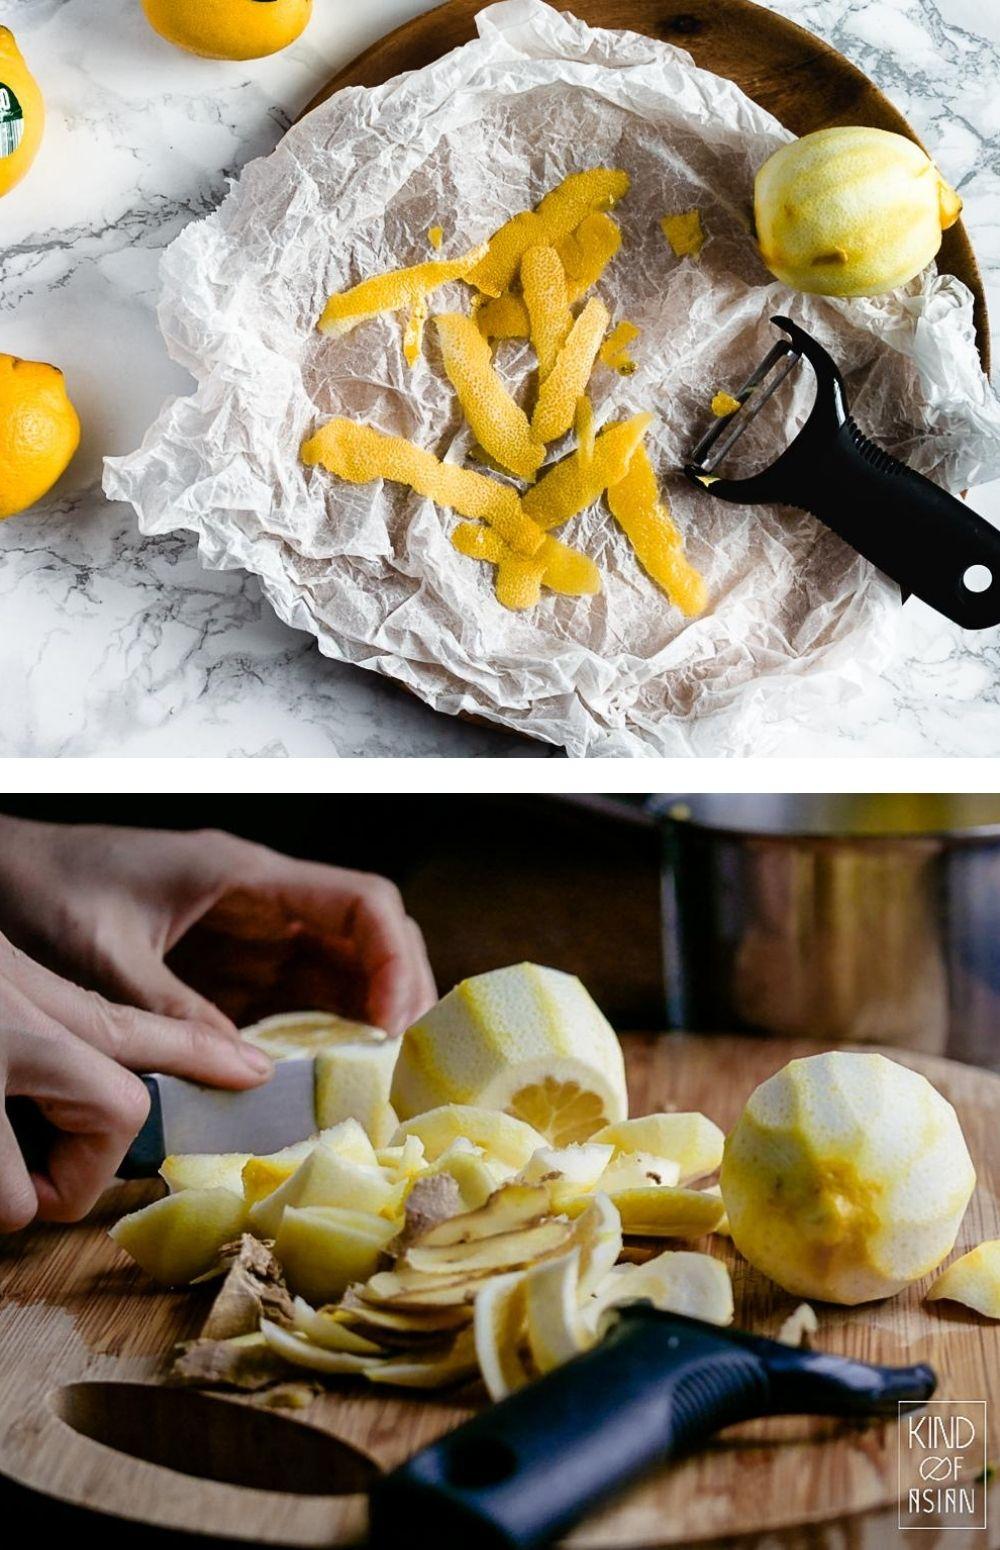 Met drie ingrediënten (zonder geleisuiker) maak je zelf deze multi-inzetbare en lang houdbare citroenmarmelade. Voeg gember, kaneel, steranijs naar smaak toe voor de variatie. Een lepeltje marmelade mengen met water en fruitpuree en je hebt een lekkere limonade. Of maak thee met een intense citroensmaak. En wat denk je van een hartige en zoetzure woksaus met de citroenmarmelade, (vegan) oestersaus en sesamolie? #citroenjam #jam #recept #aziatisch